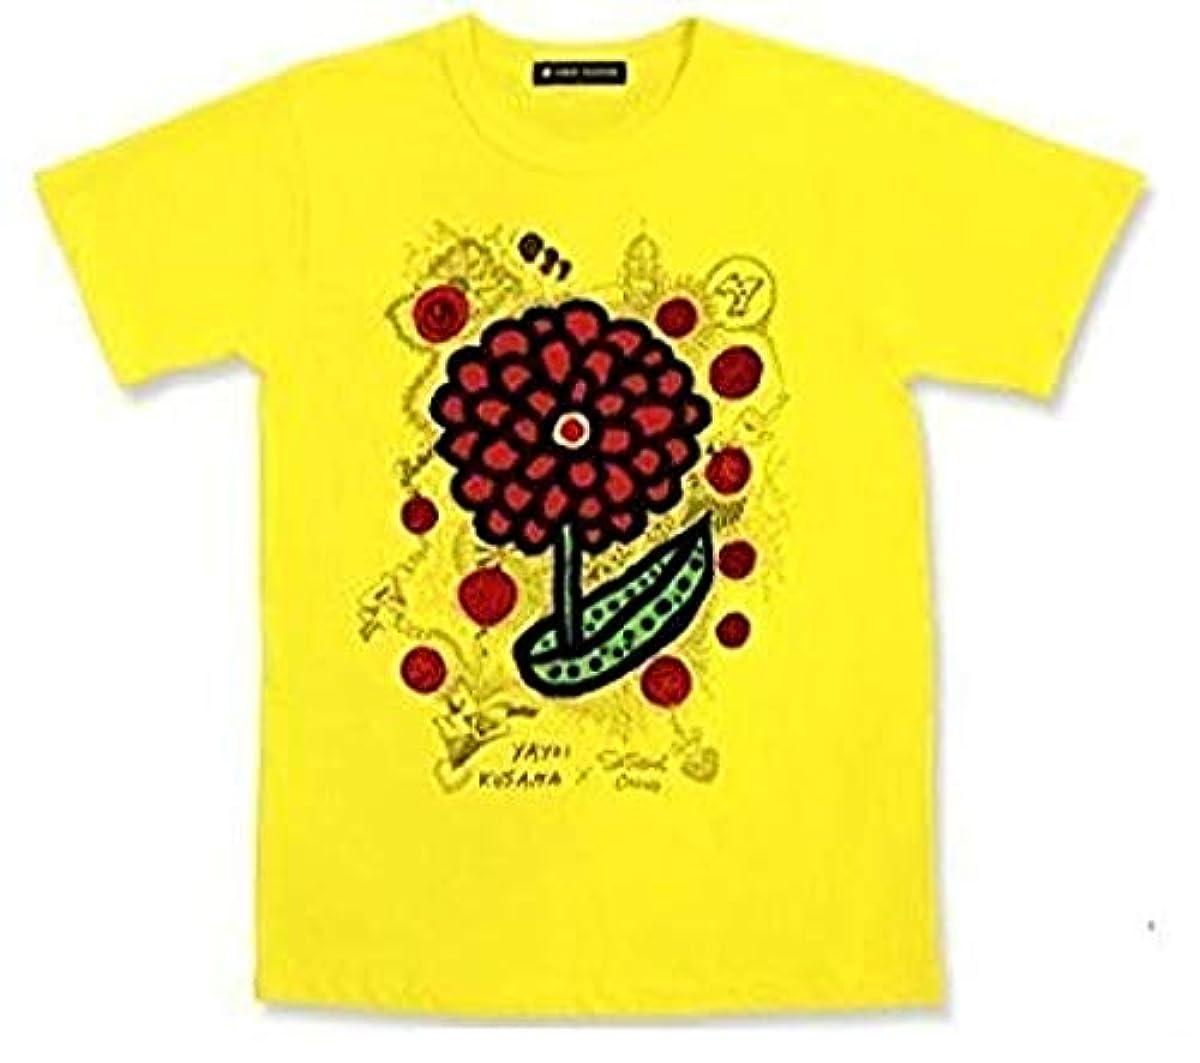 [해외] 24시간티비 쿠사마야요이 티셔츠 M